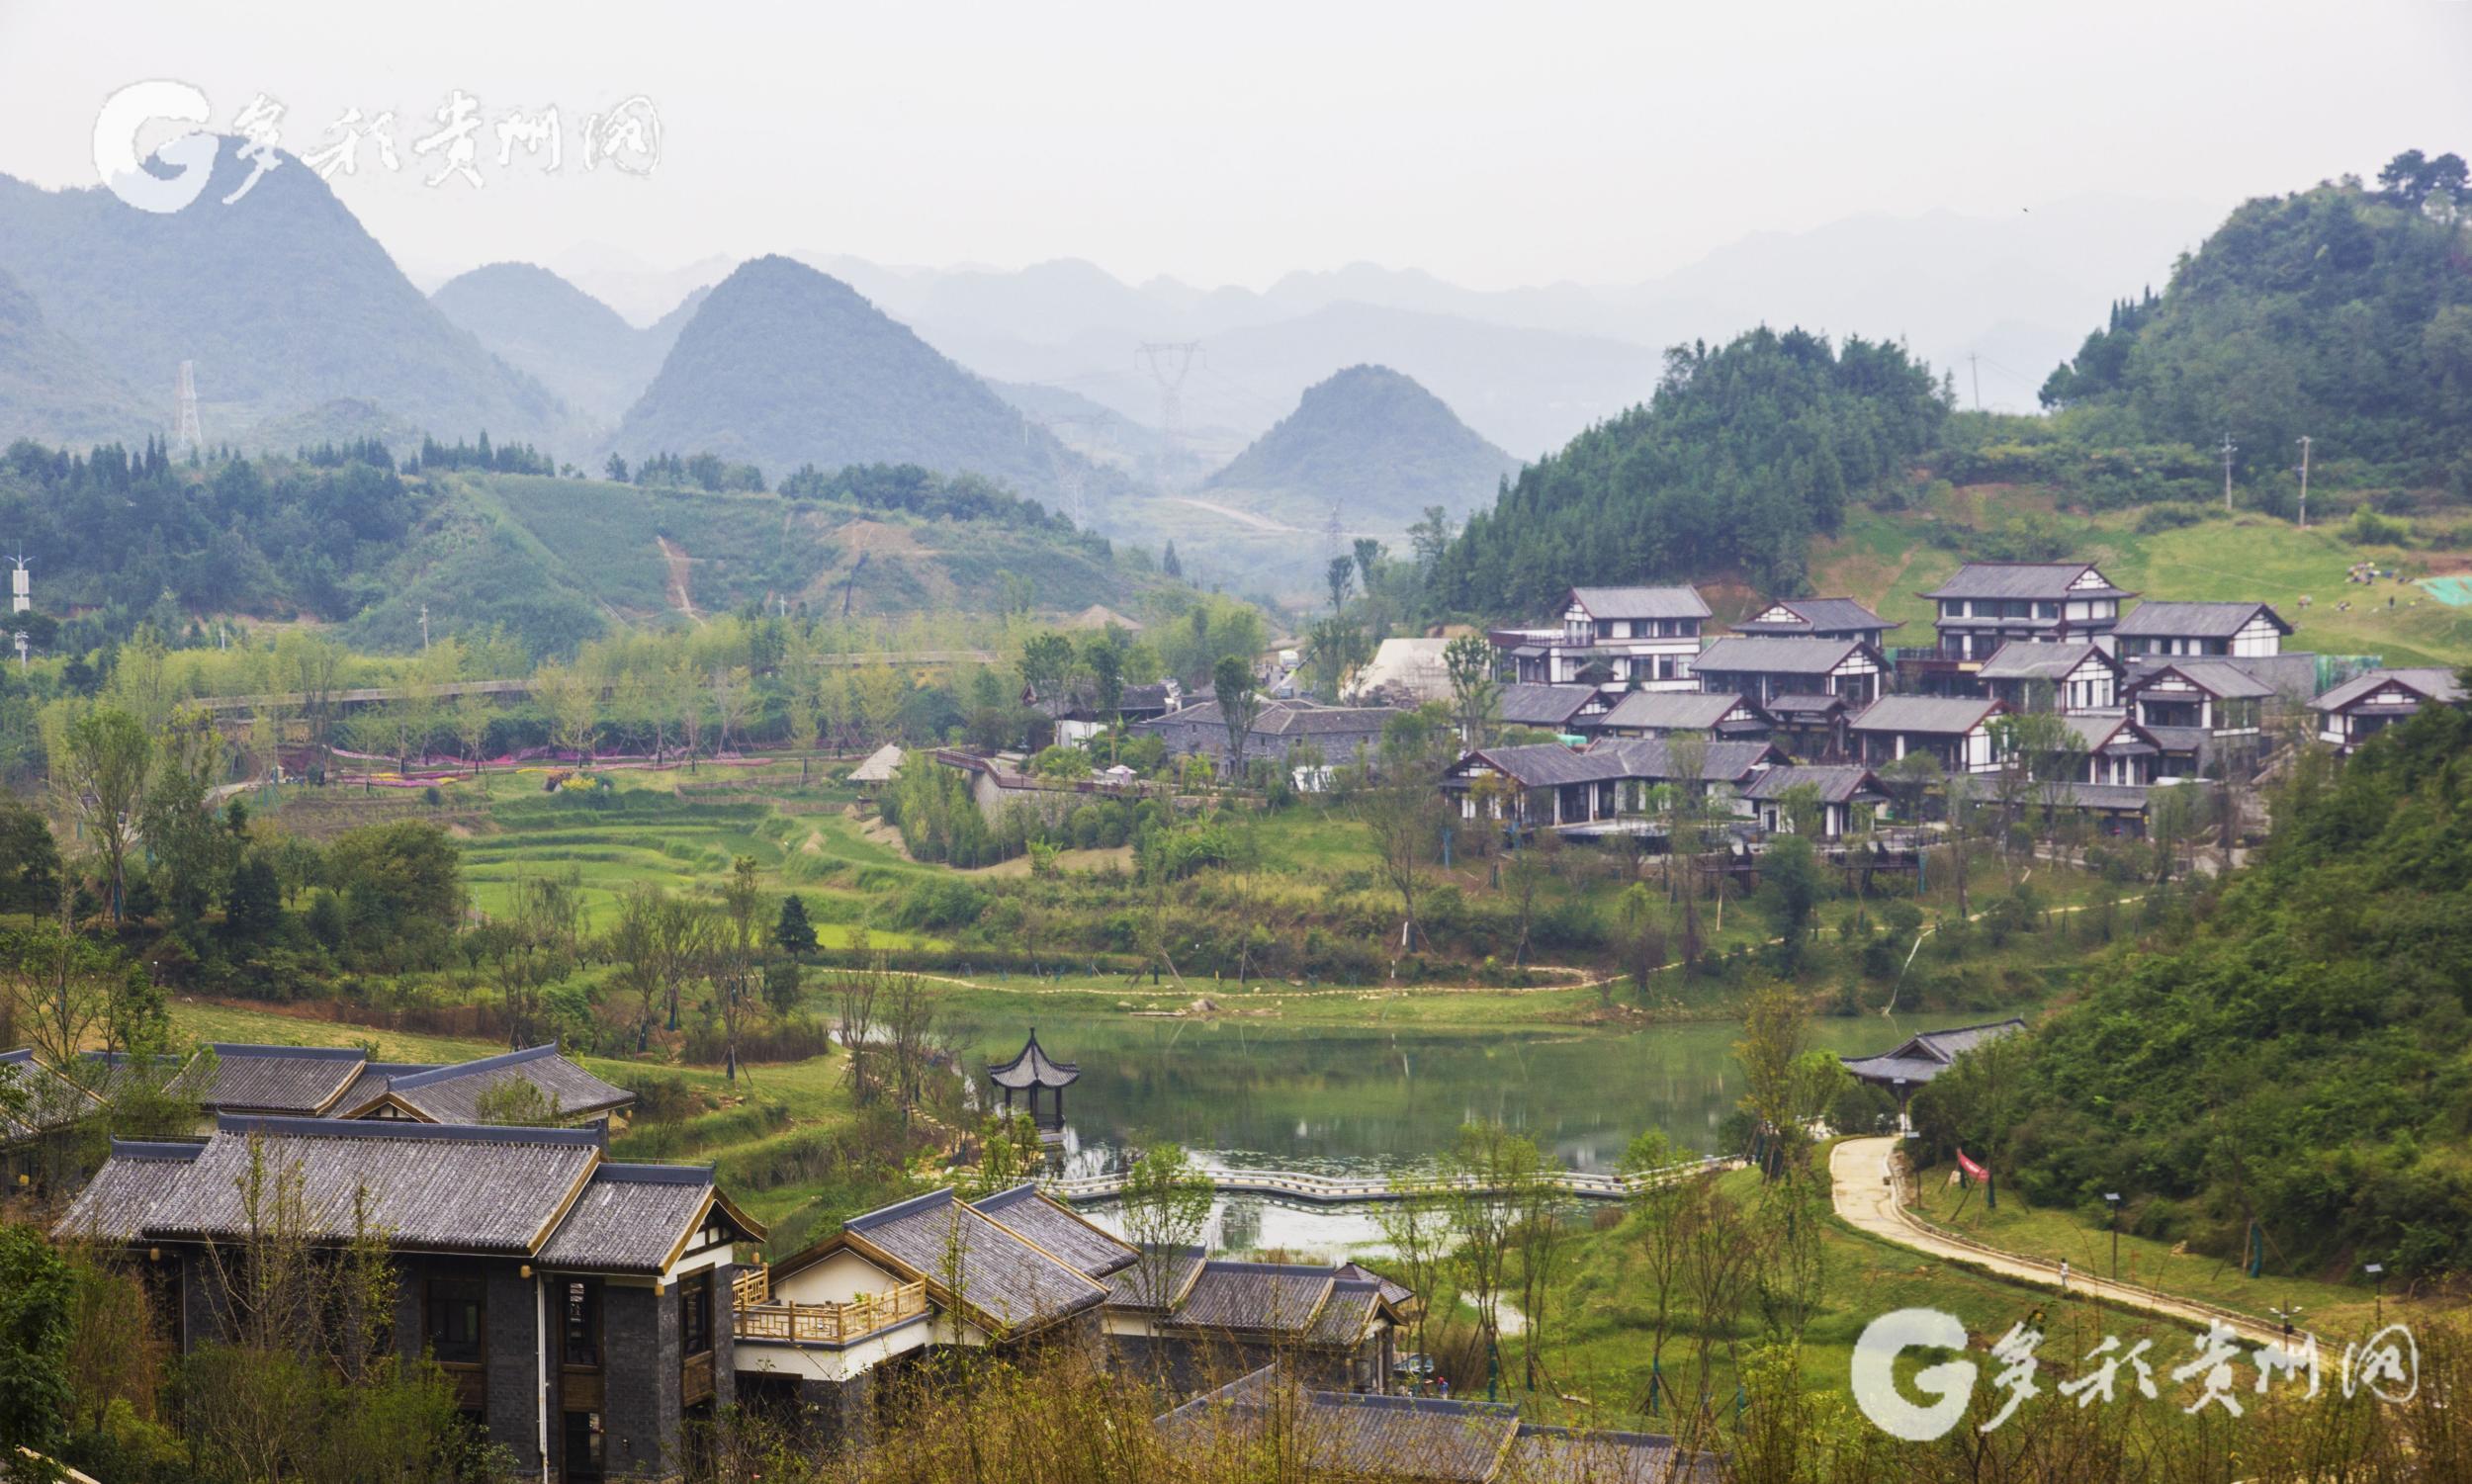 探班清镇——贵阳市第八届旅发大会举办地